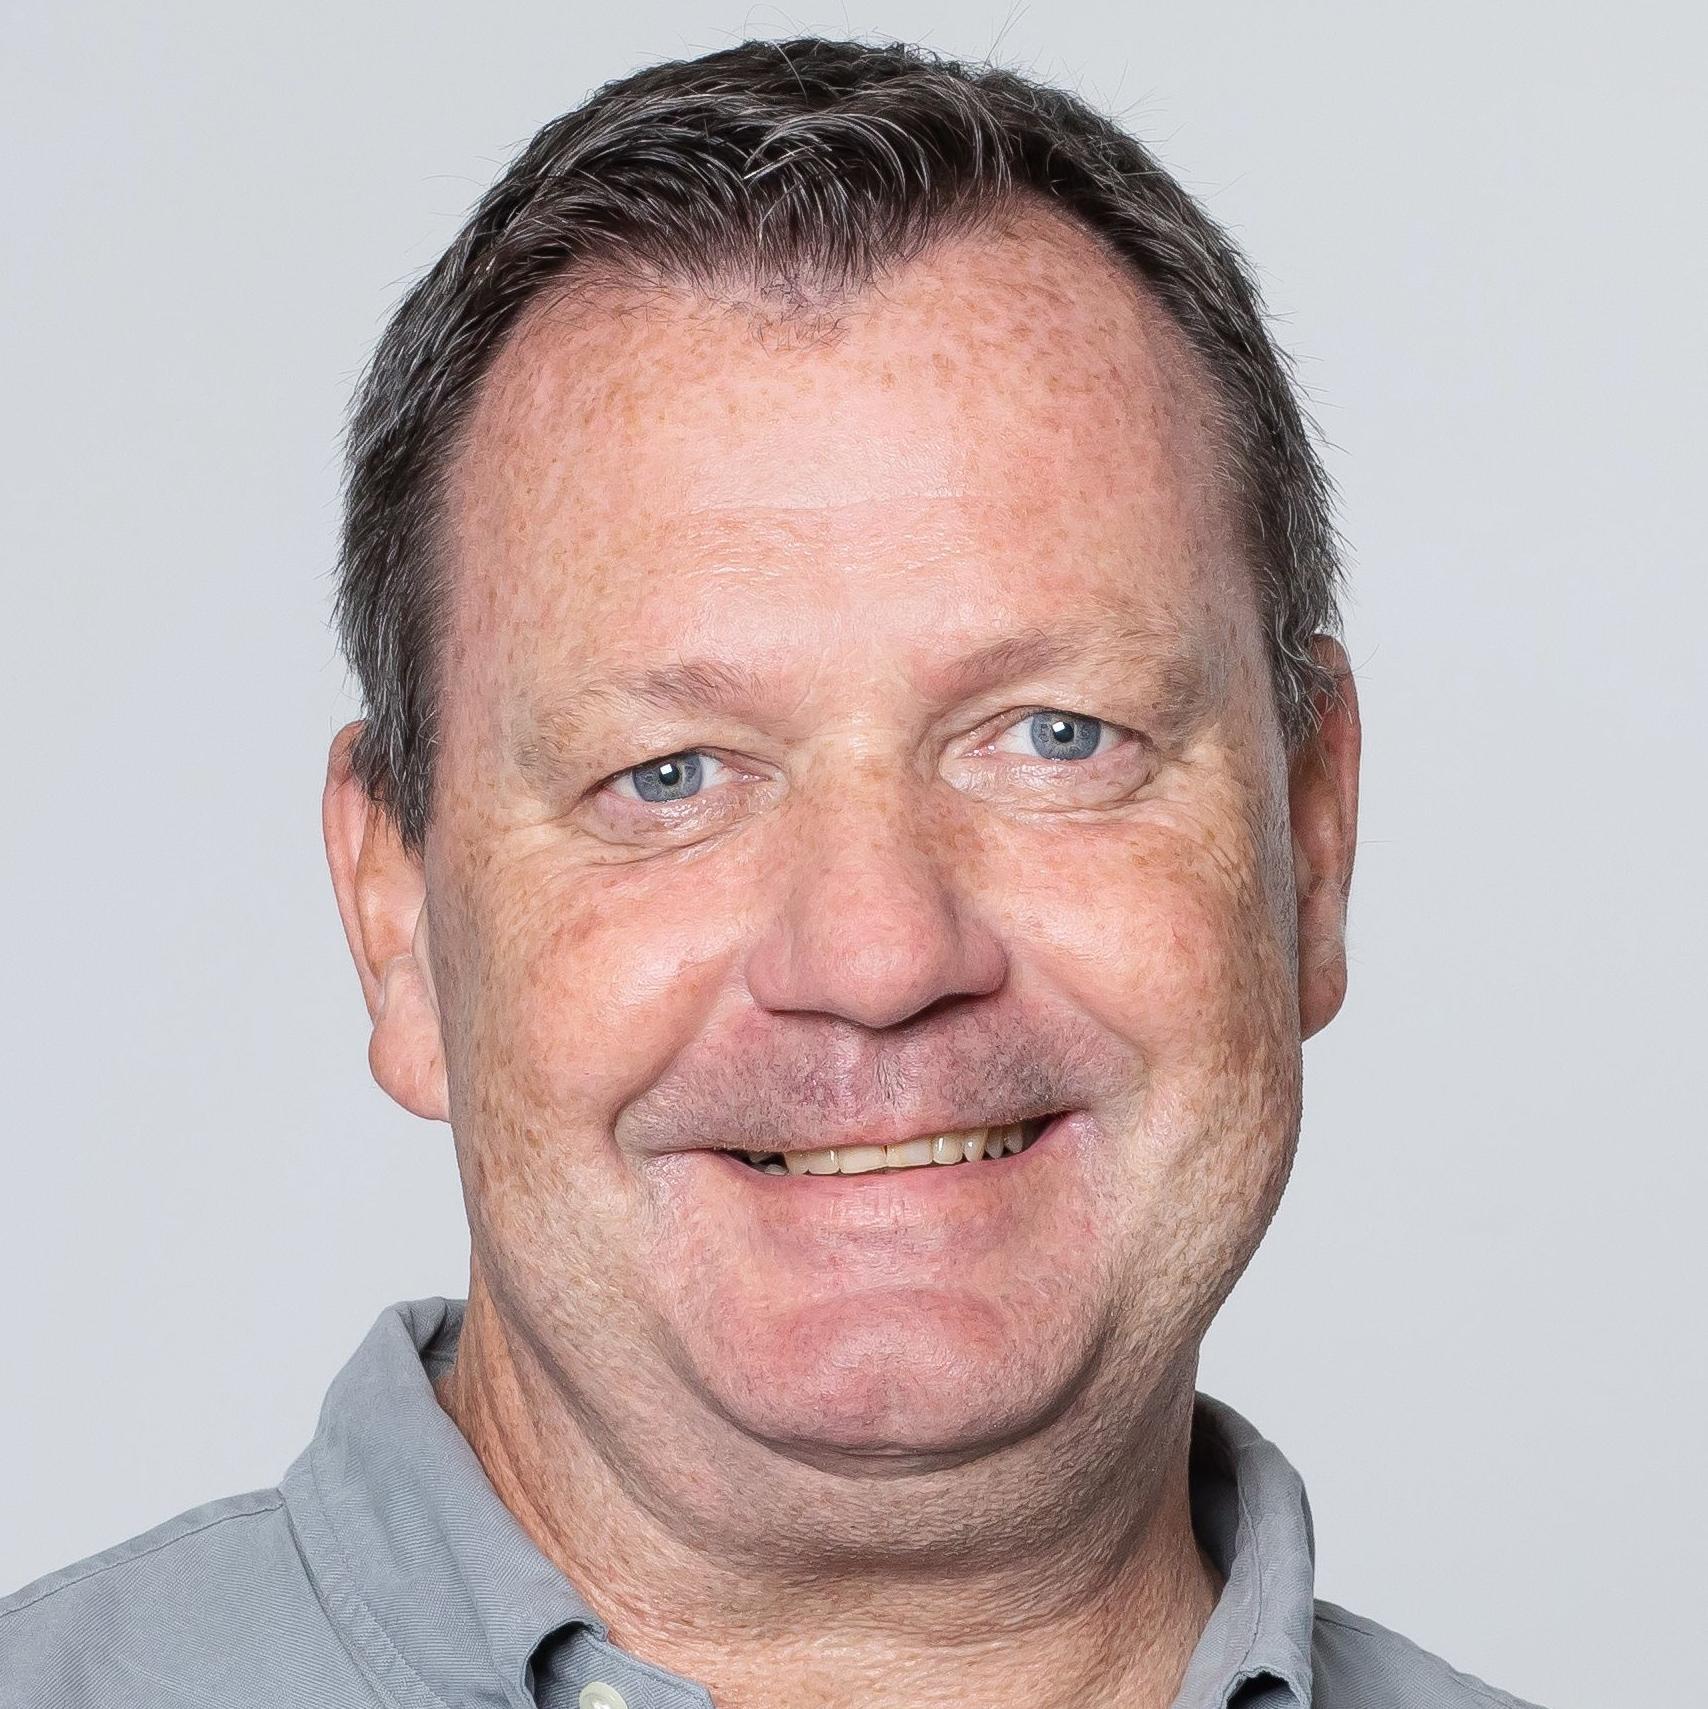 Sven Matthiessen